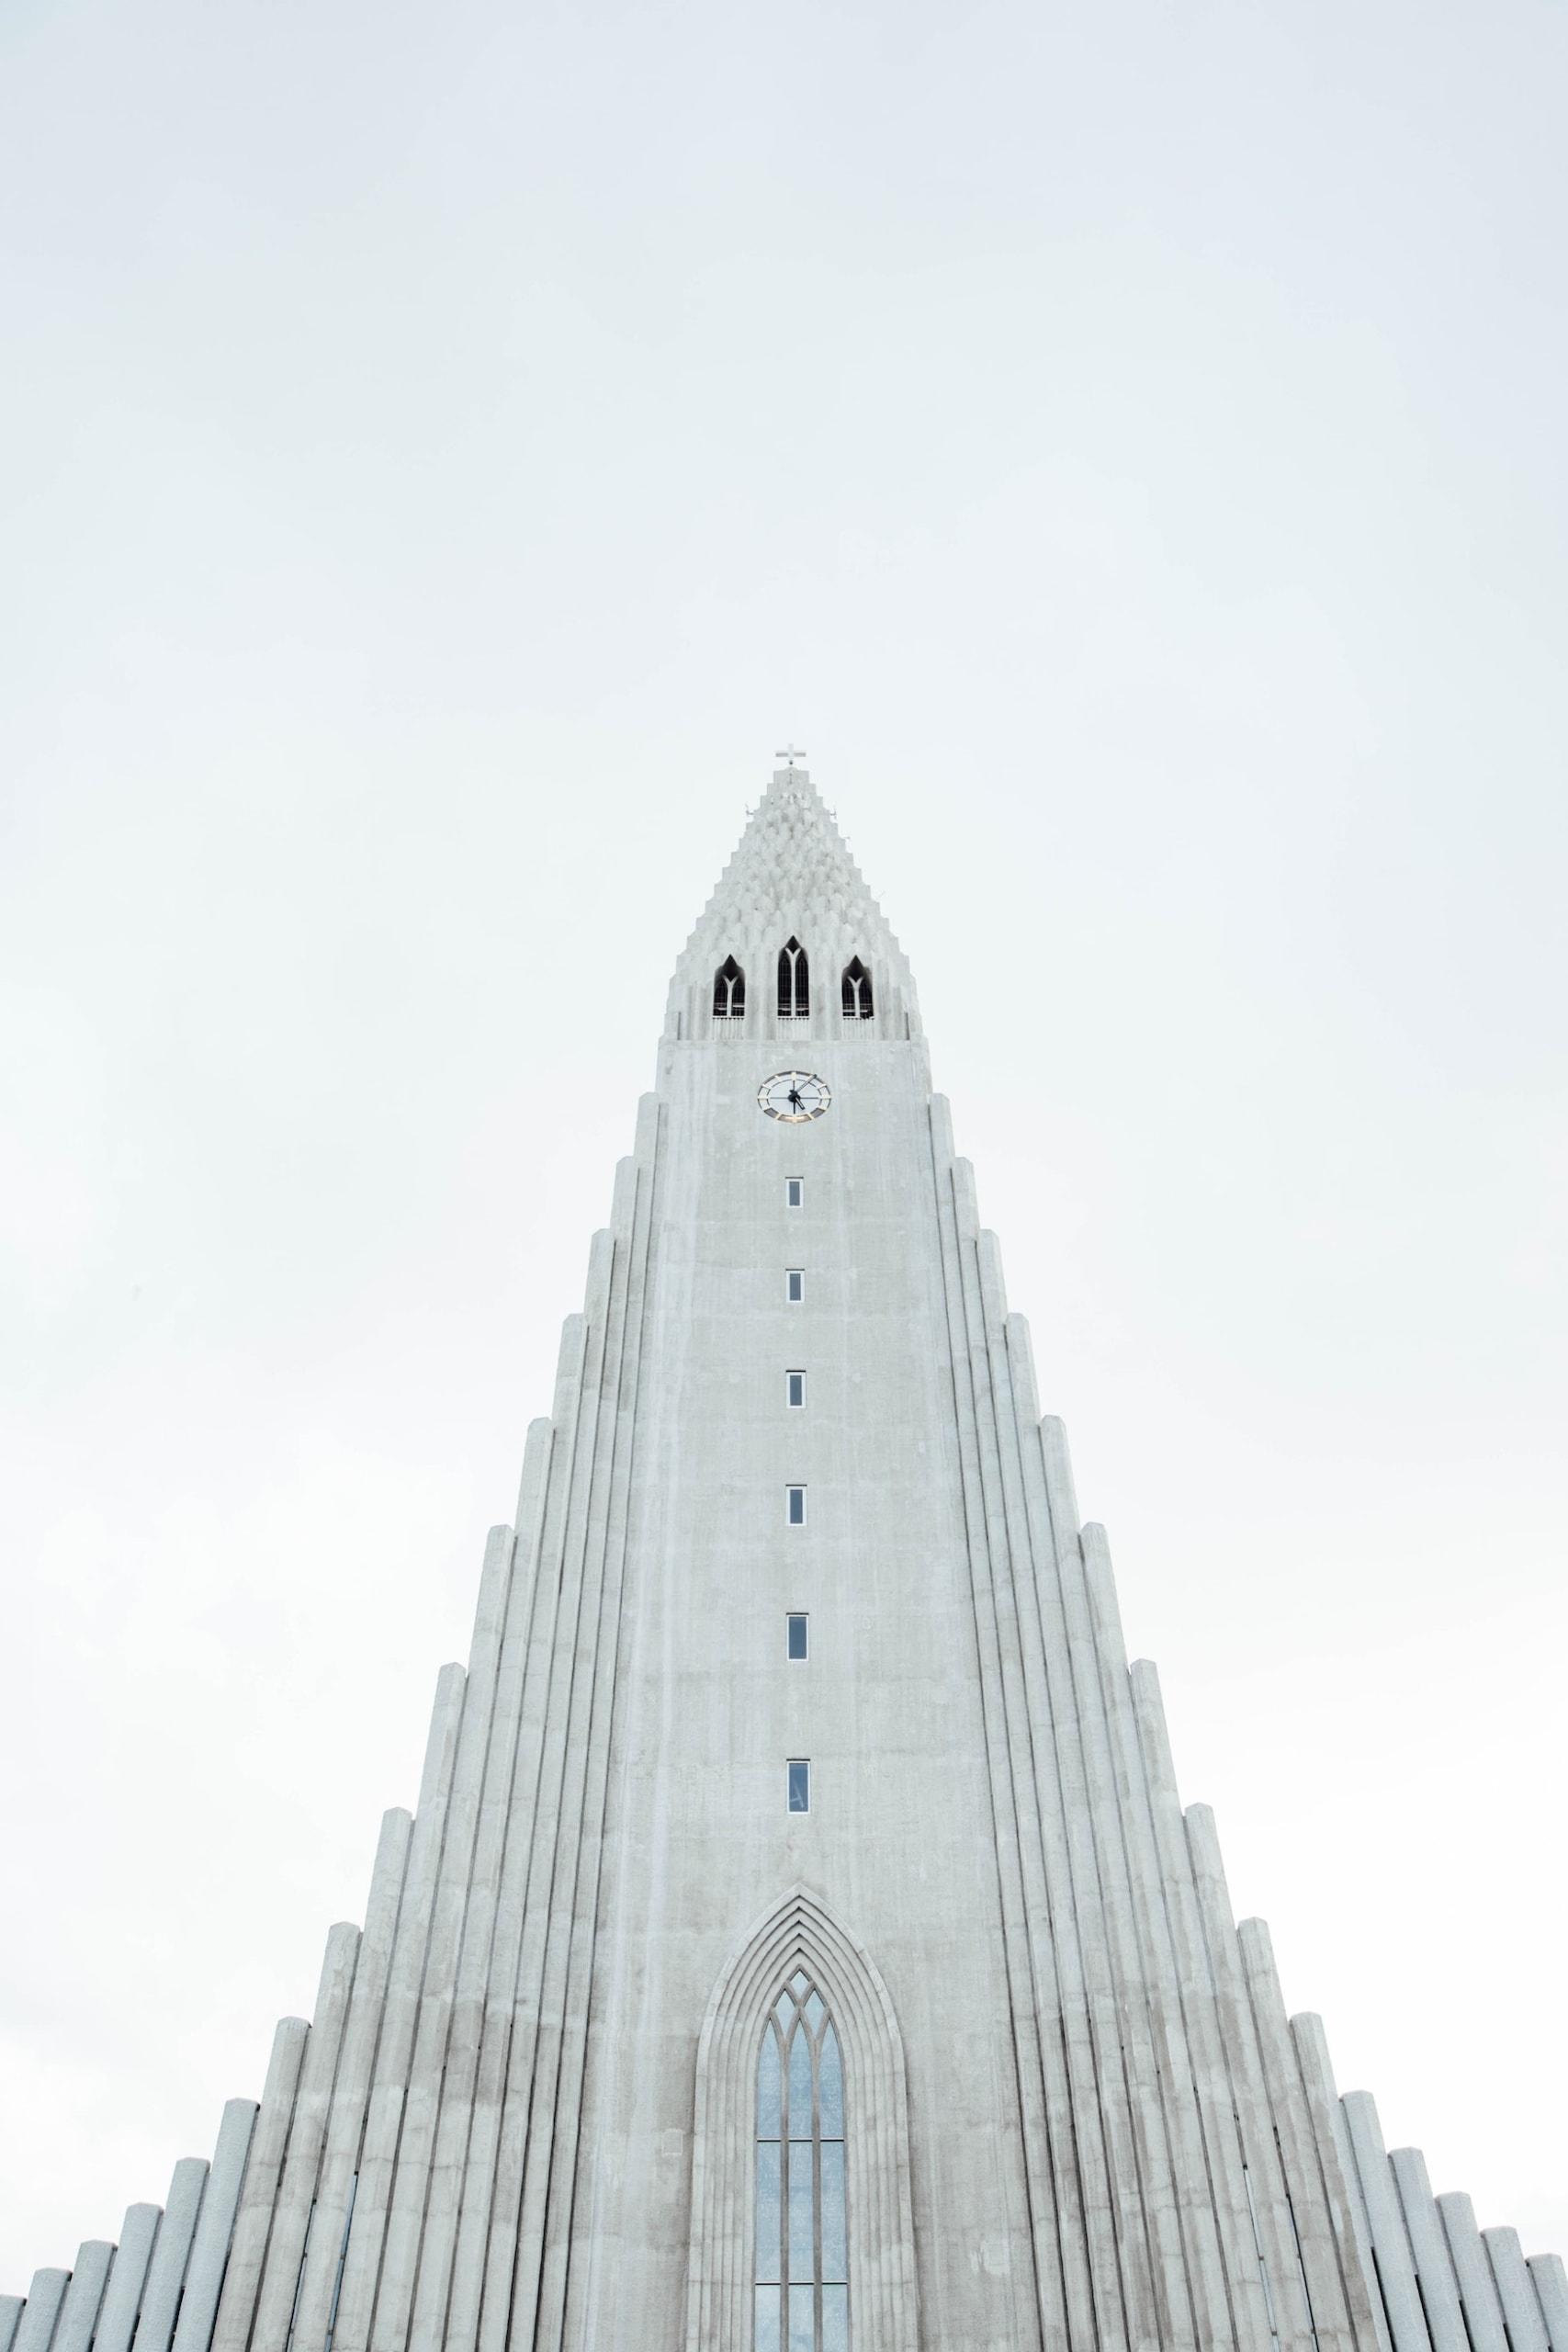 Der Turm der Kirche in Reykjavik ragt in den Himmel und ist eine der größten Sehenswürdigkeiten der Hauptstadt